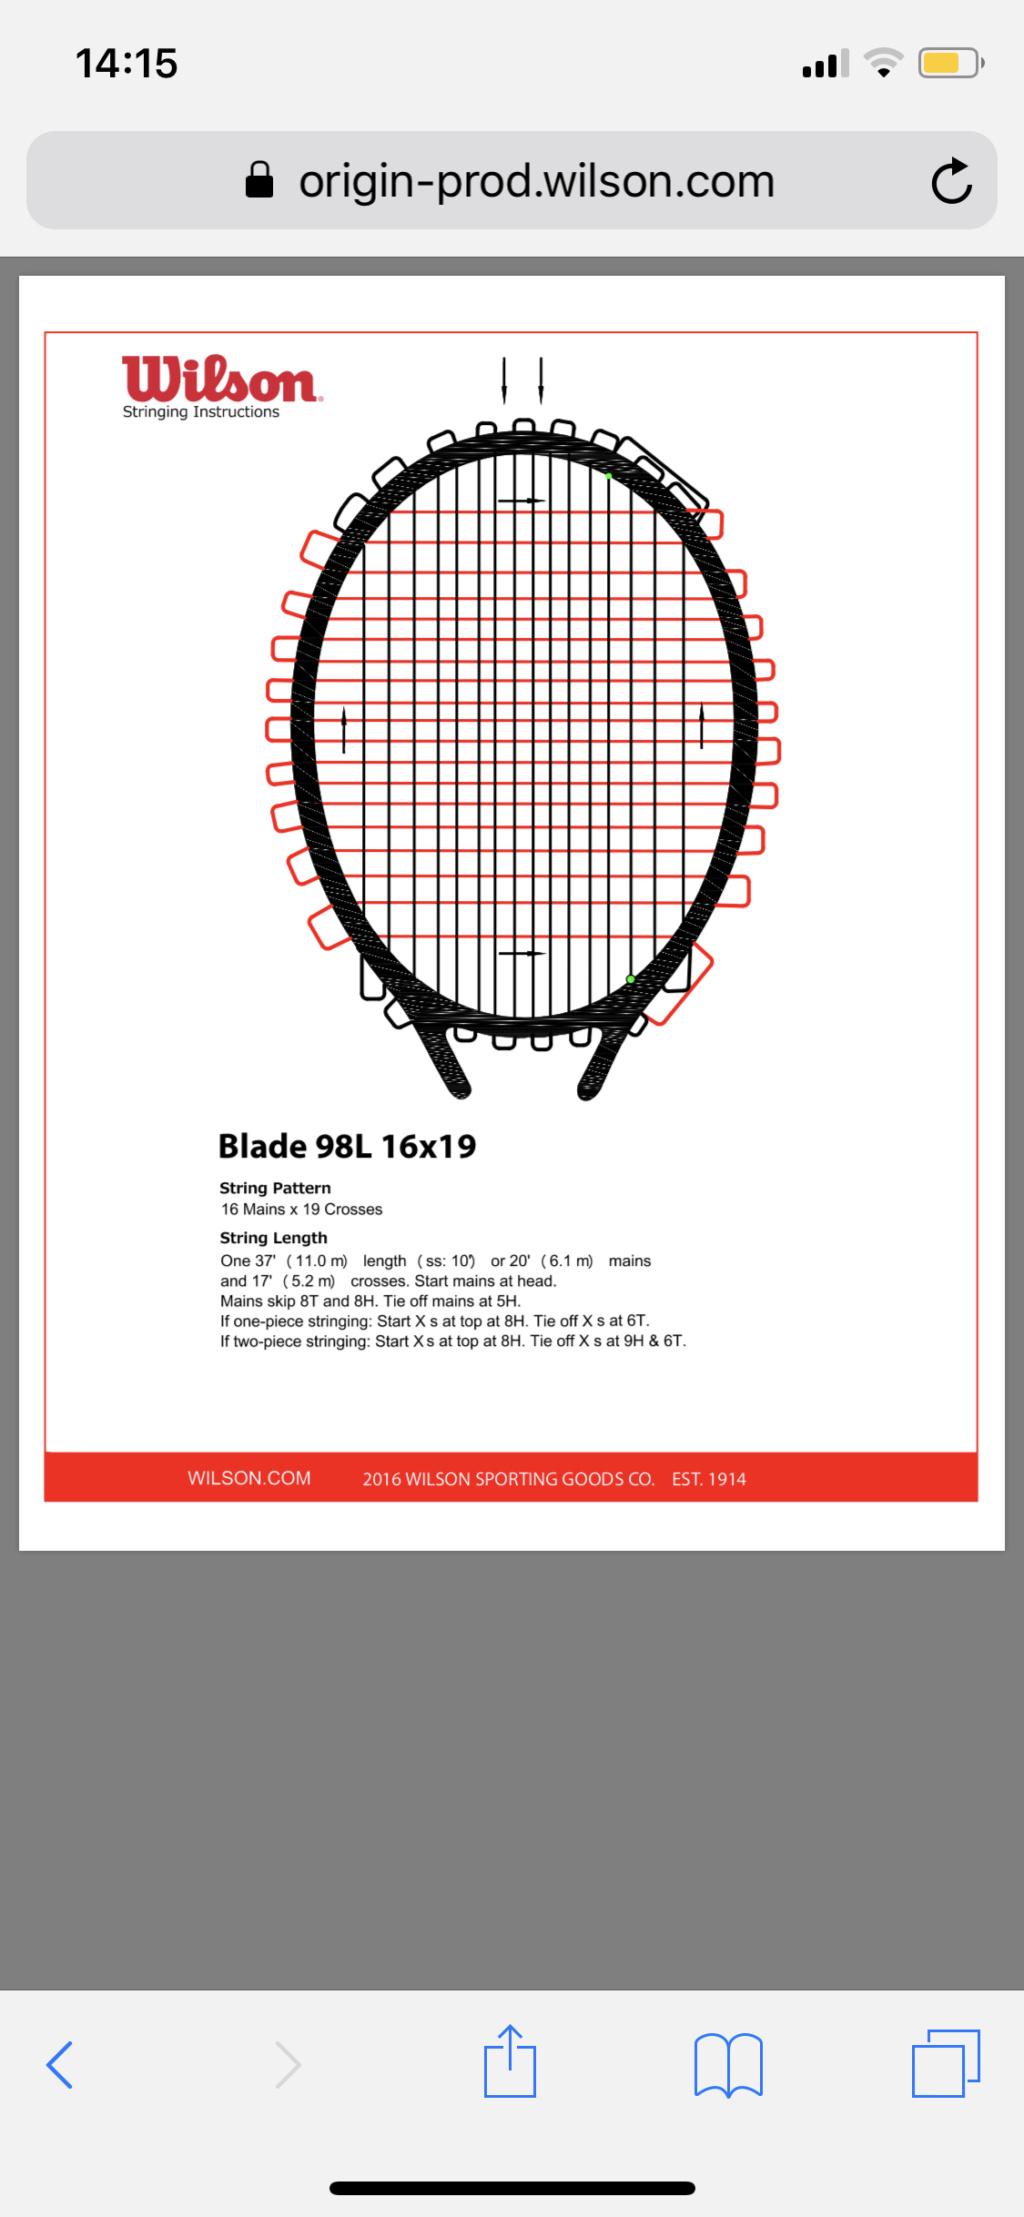 Incordare Wilson Blade 98L 16x19 a 4 nodi - Pagina 2 B94a2510